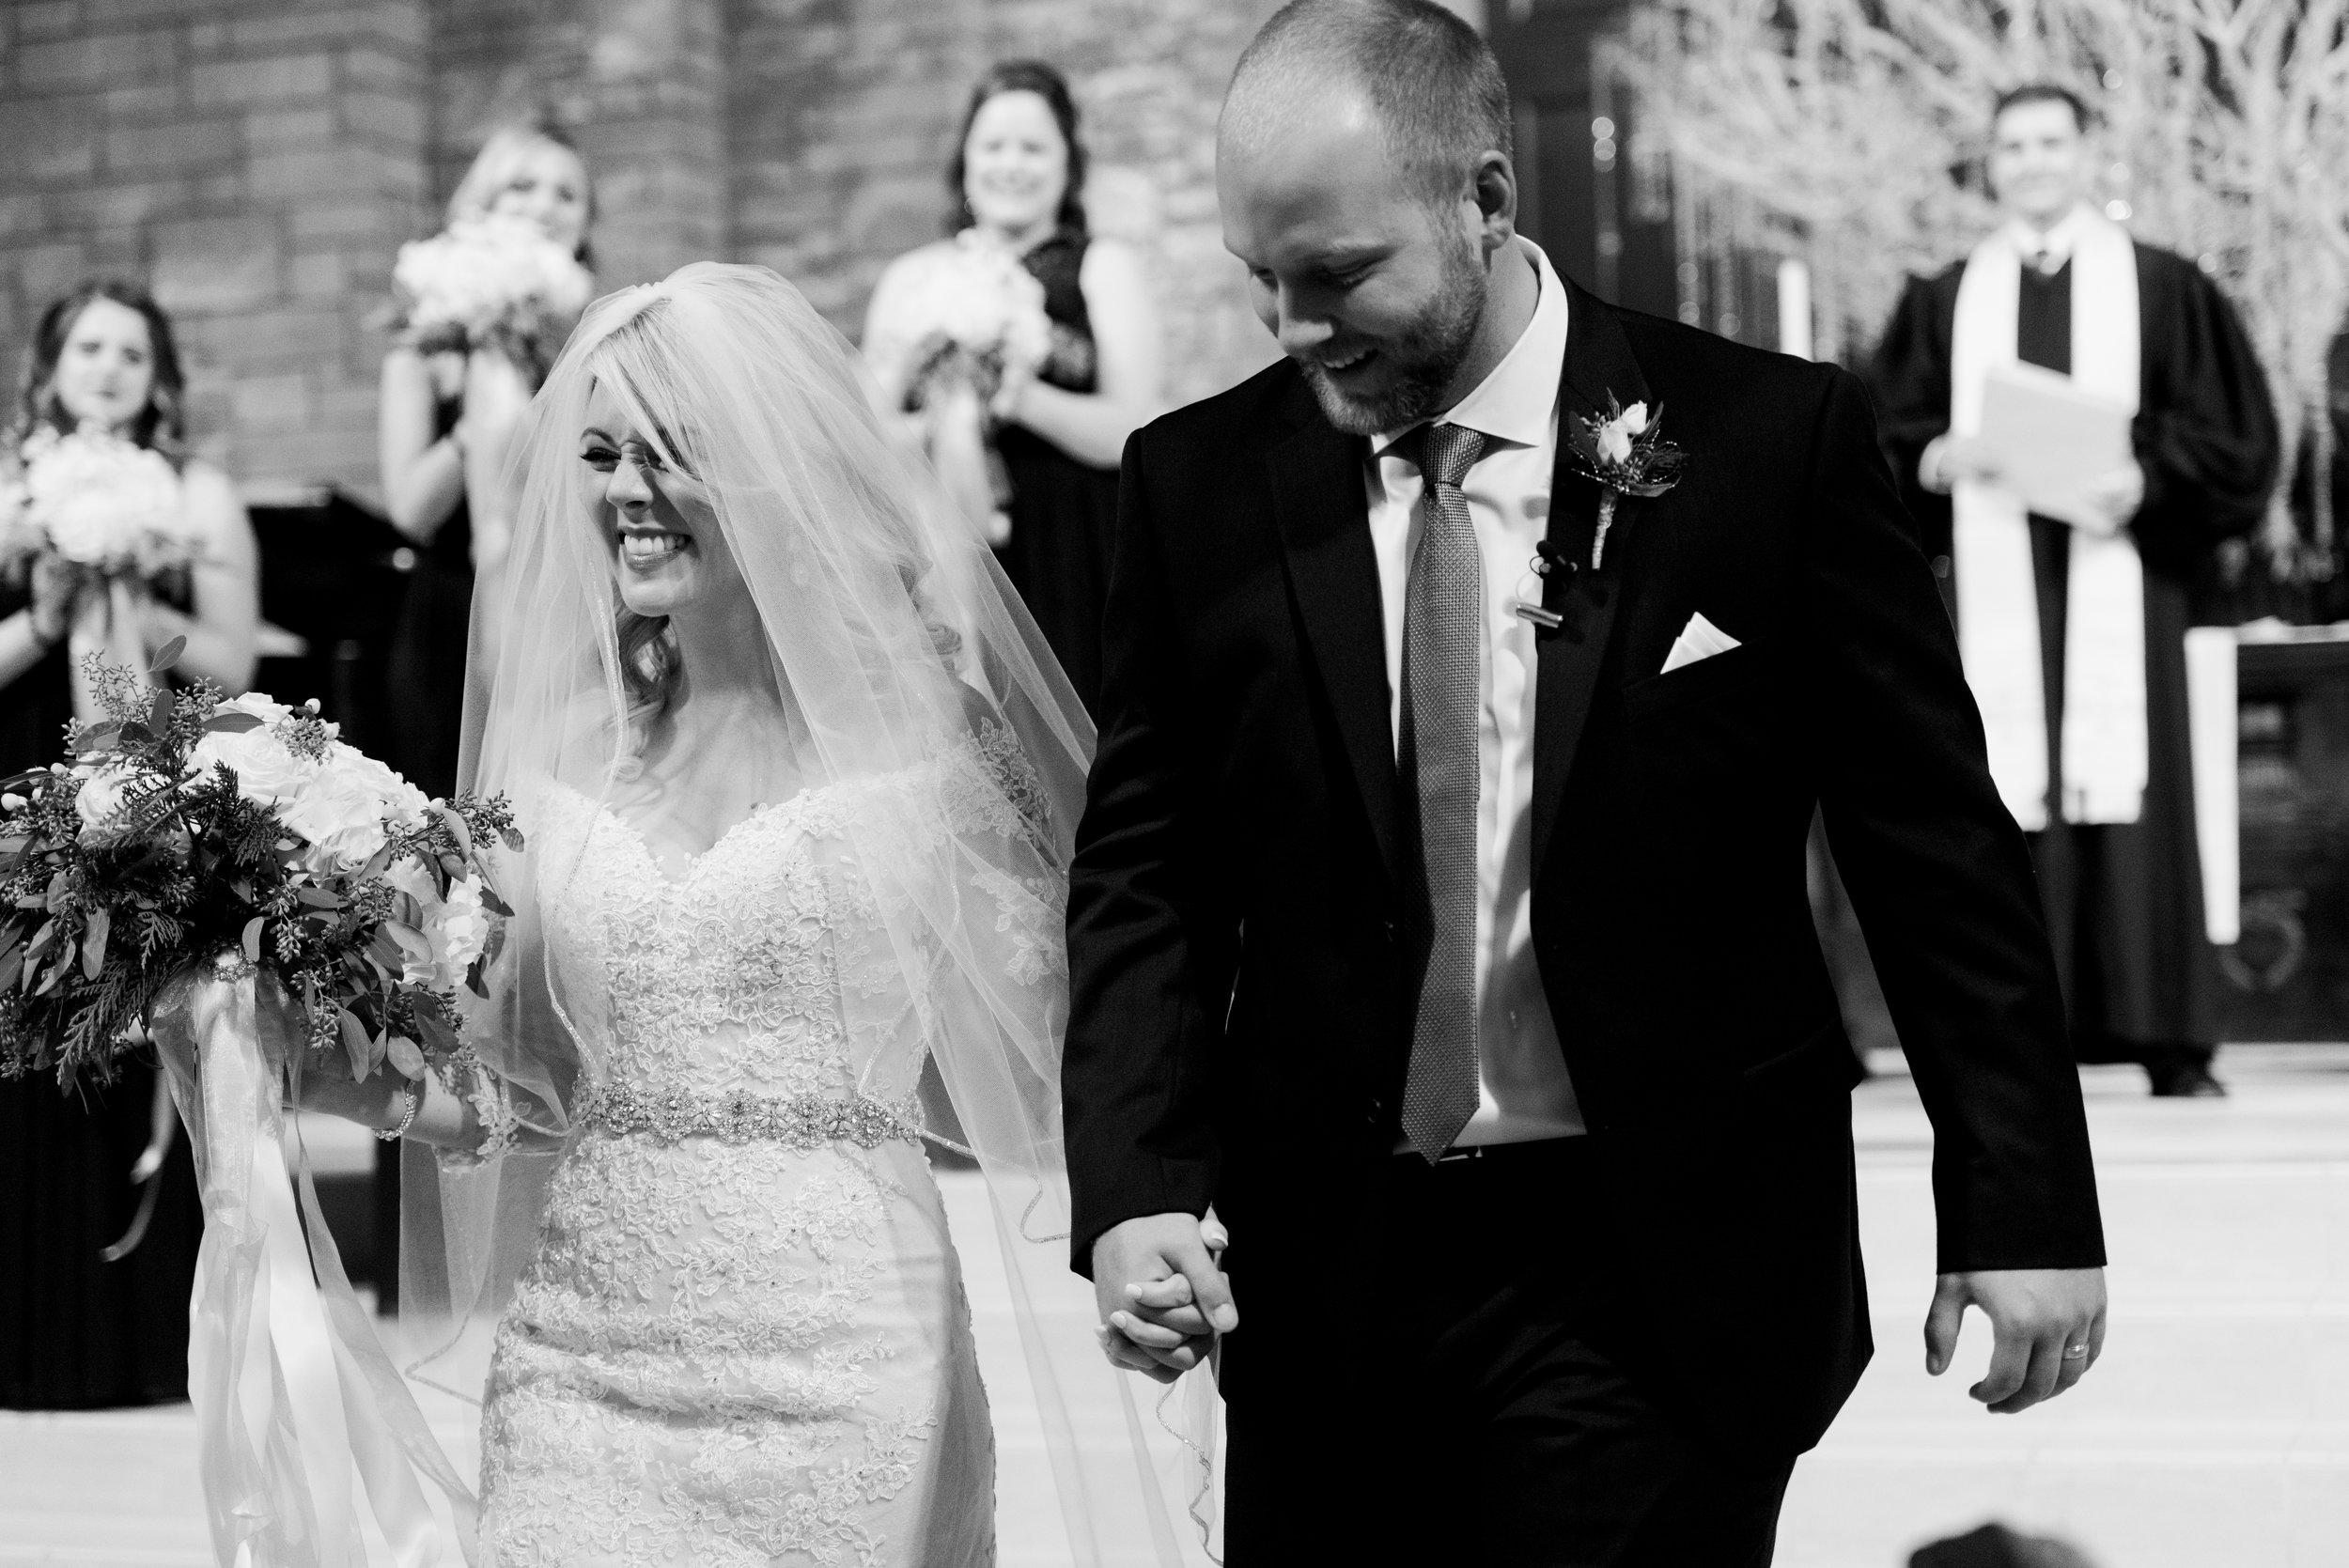 Magnolia Adams Photography | Bride and Groom